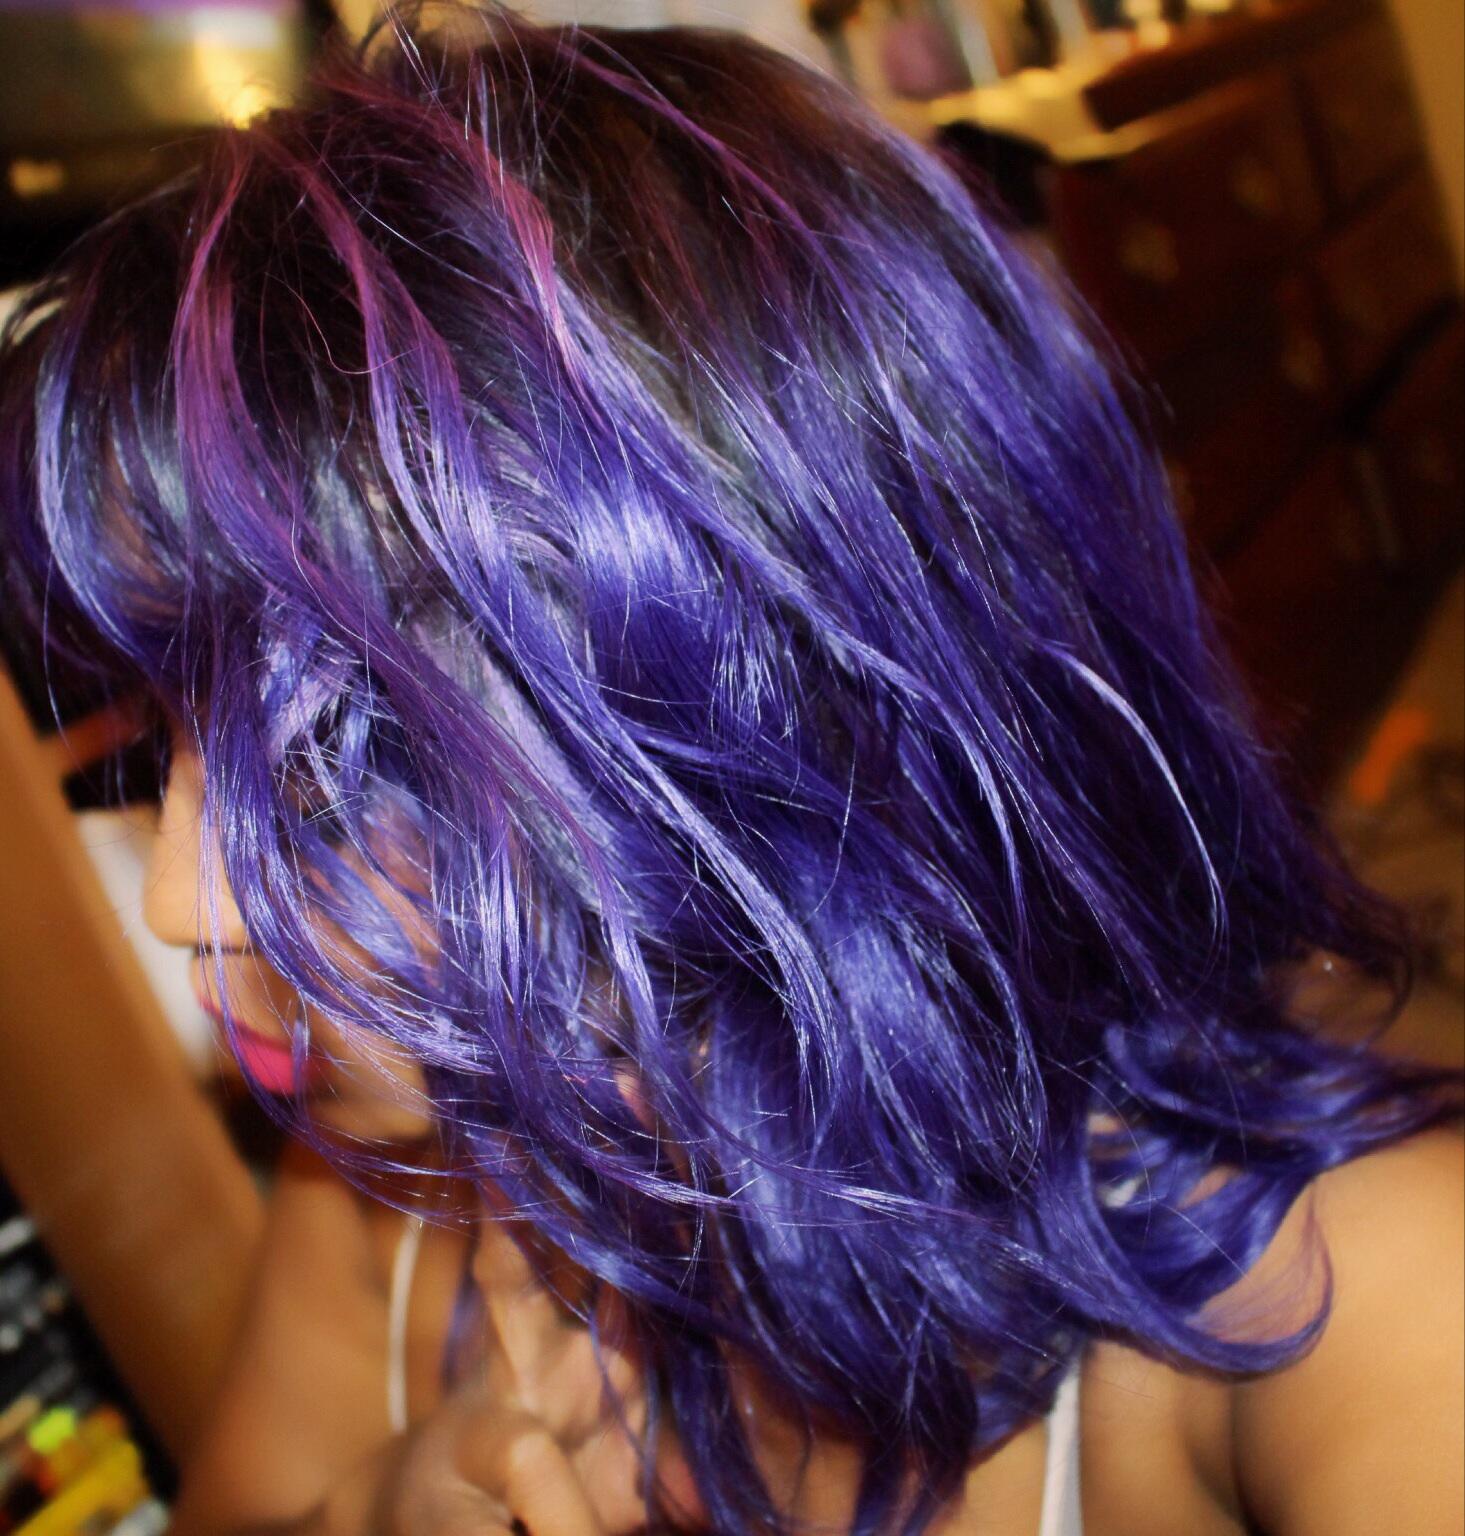 Dyed amazingly!!